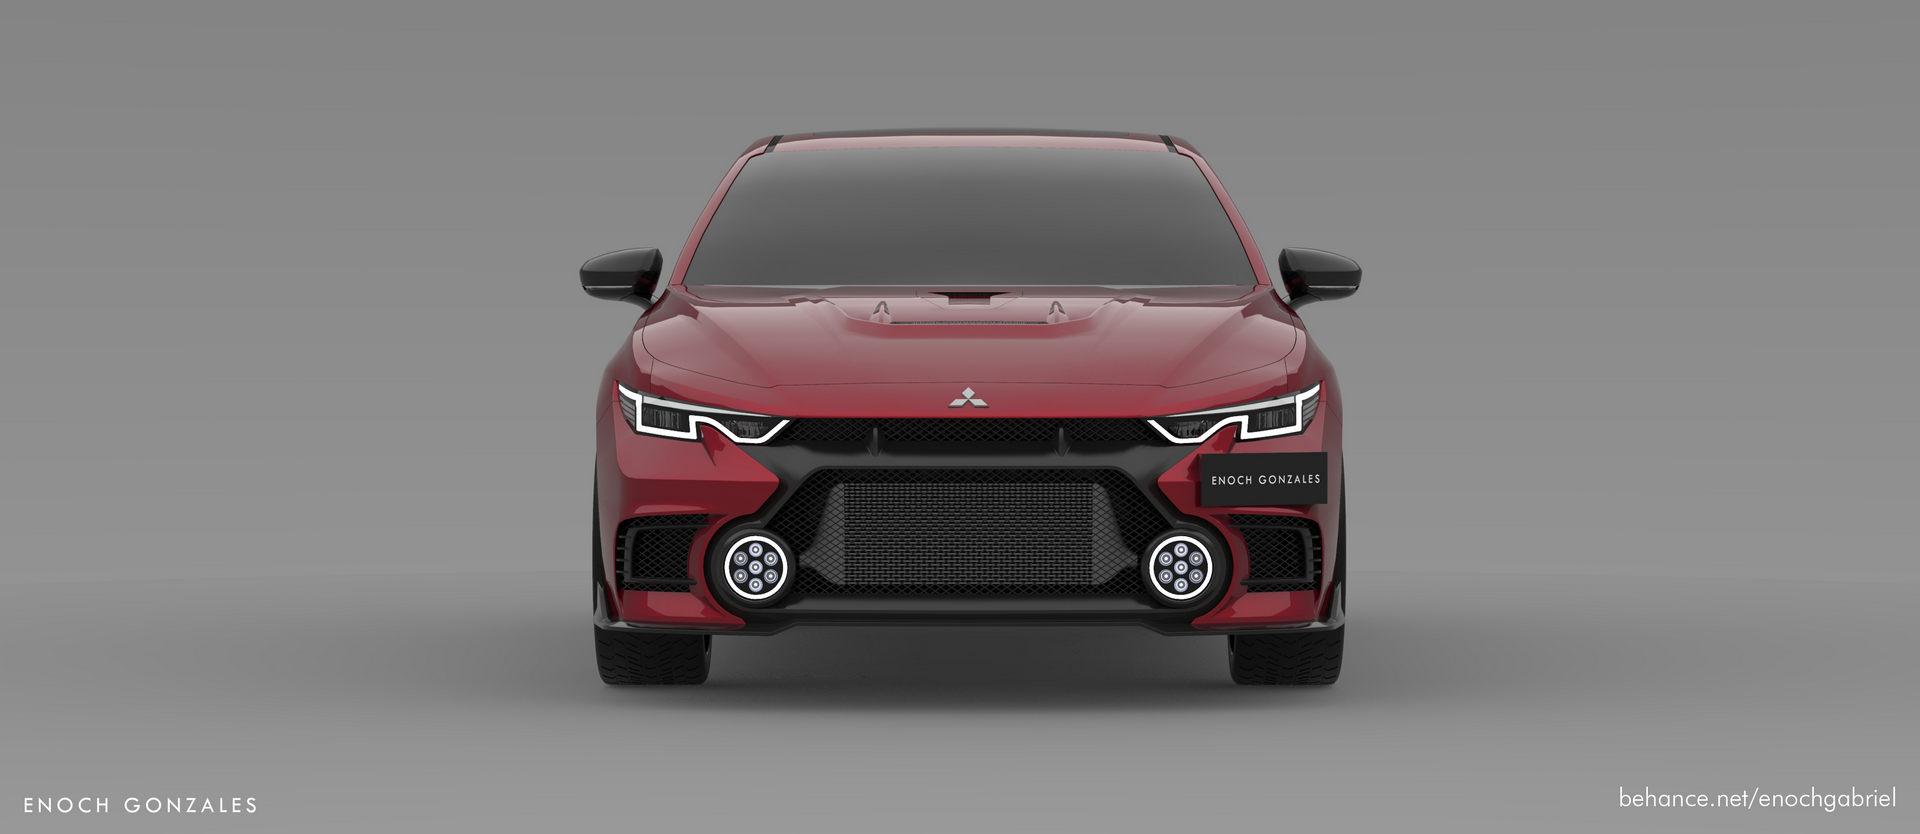 Mitsubishi-Lancer-Evo-XII-renderings-54